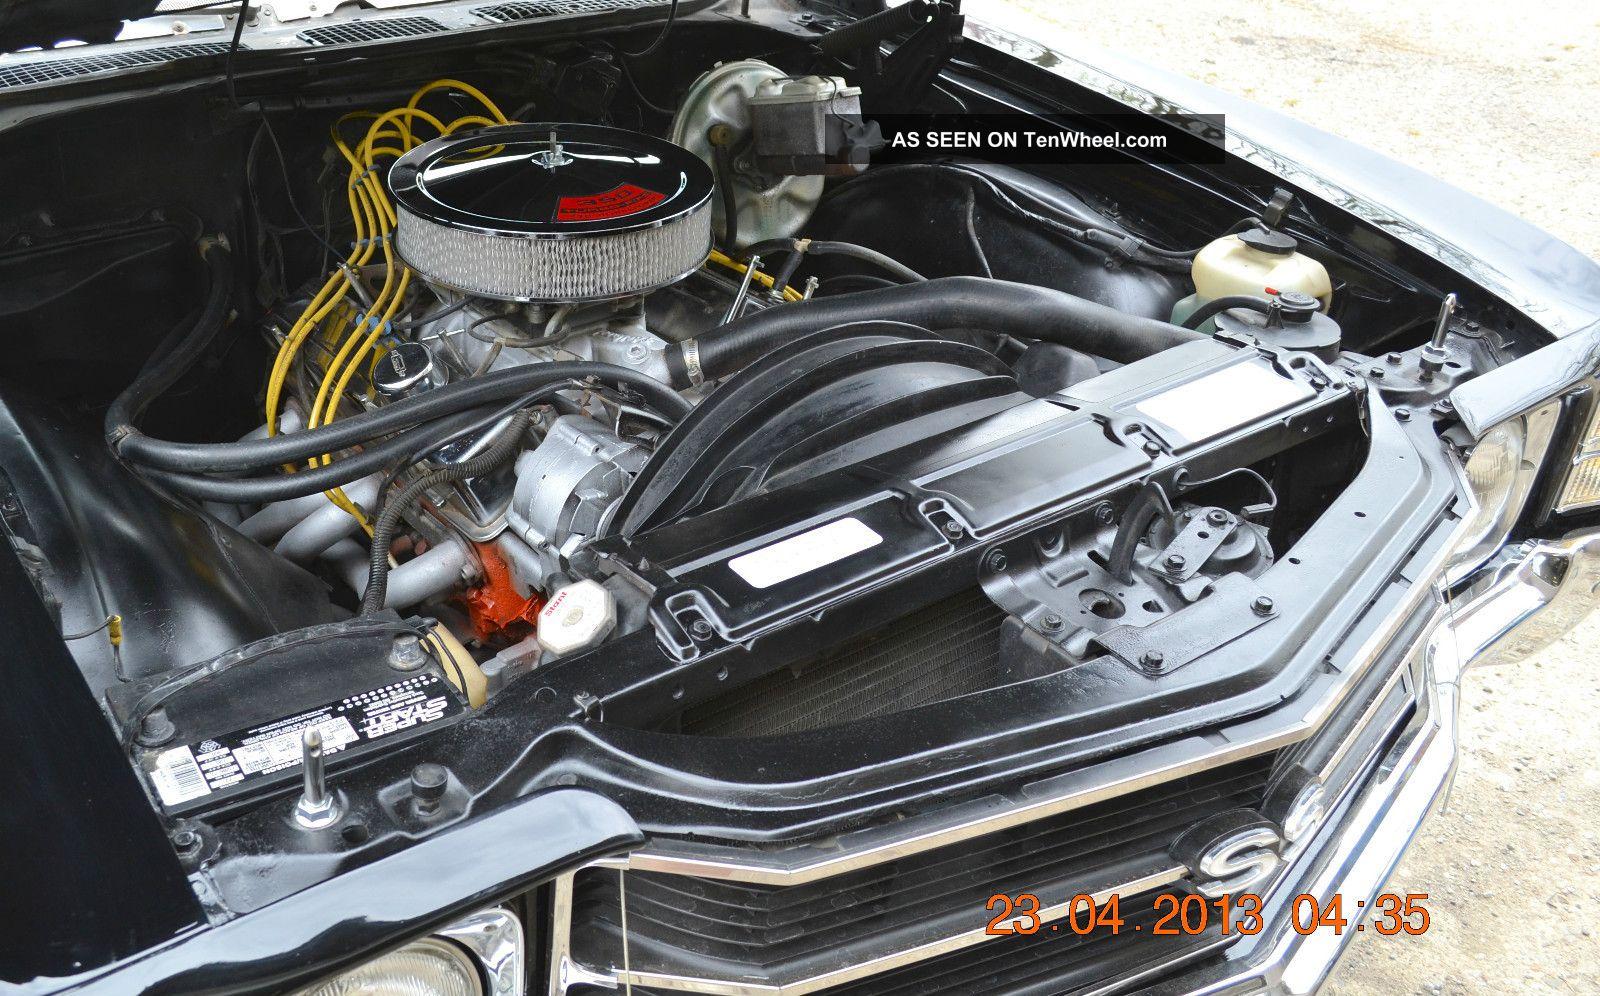 1971 Chevelle Ss 350 4spd 12 Bolt Tach Dash Slick Tuxedo Black